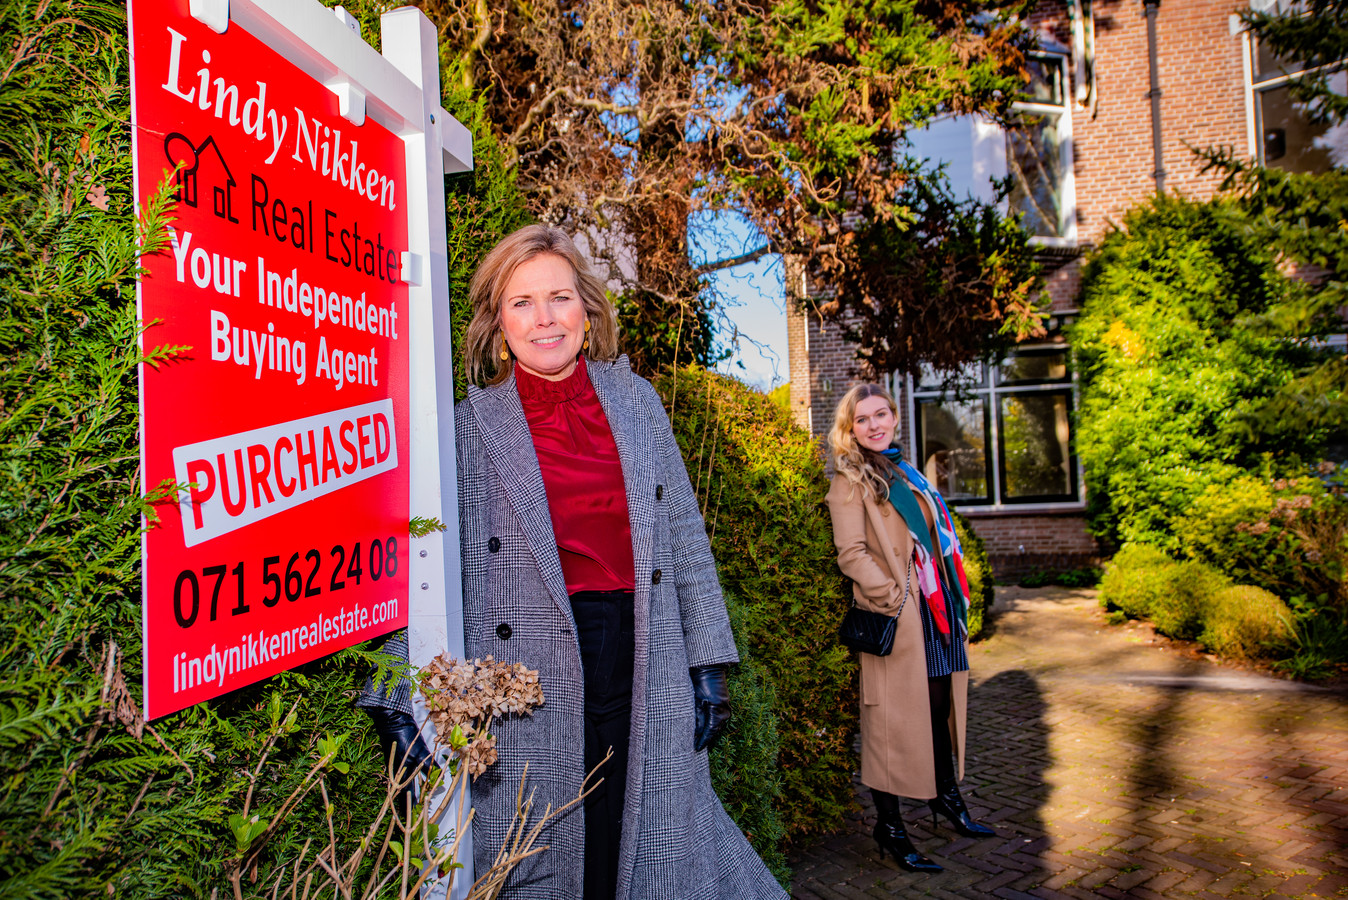 Makelaar Lindy Nikken en haar cliënte Magda Iwazko voor haar aangekochte huis in Wassenaar.